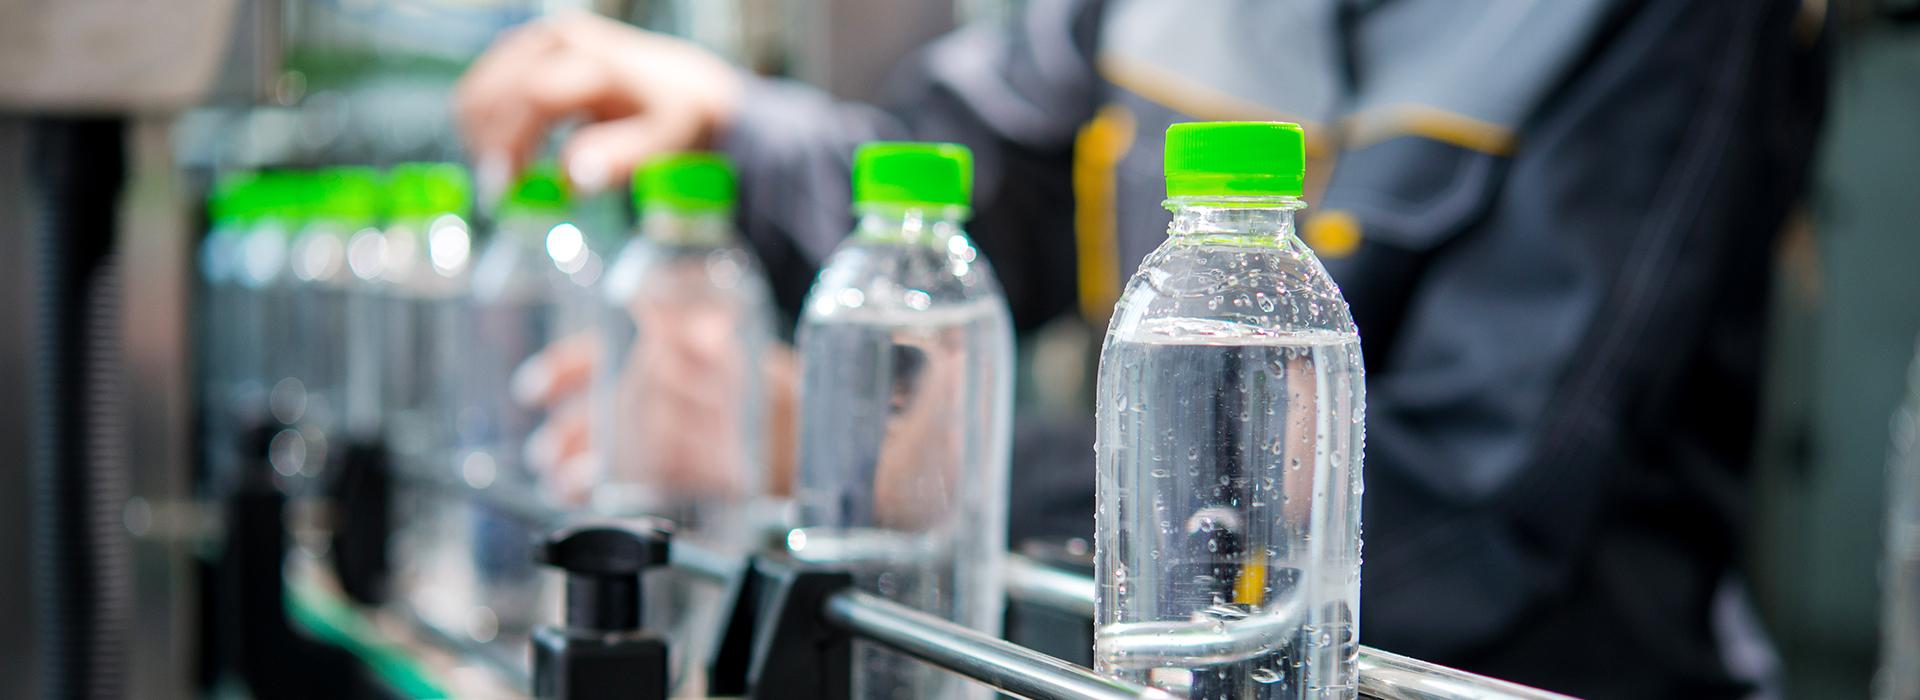 Plastic bottles on efficient production line